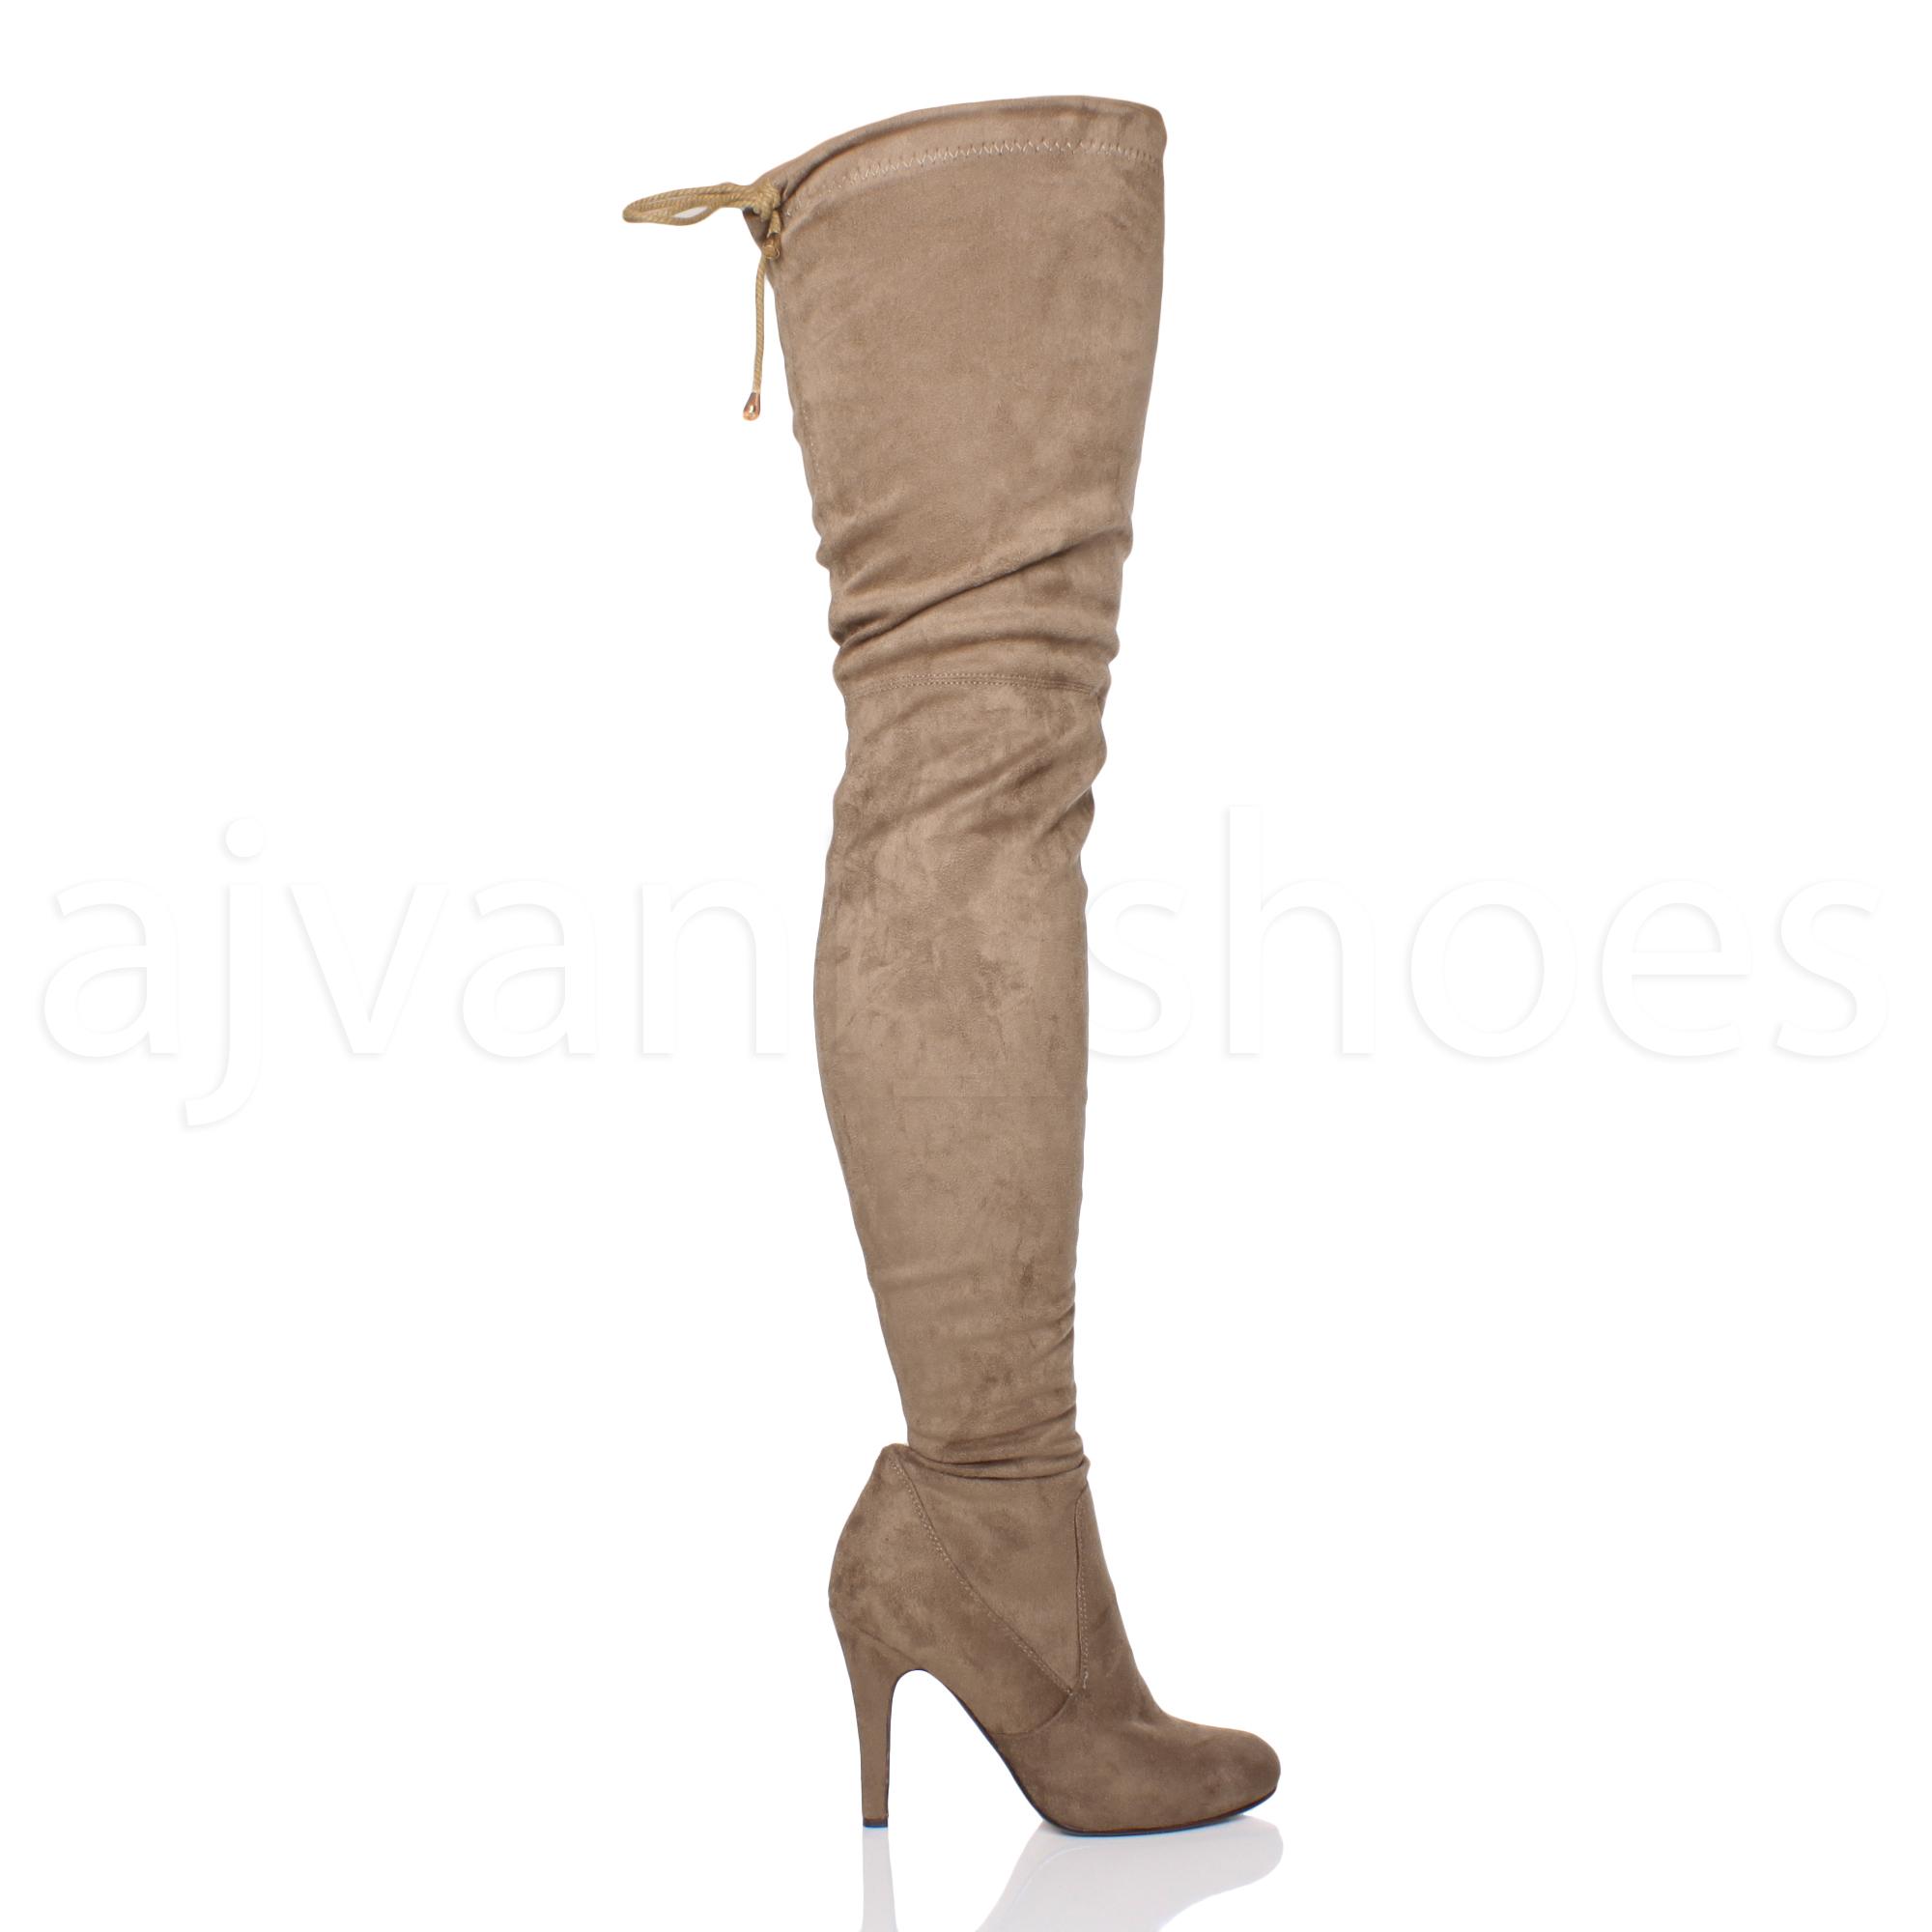 Bottes-Femmes-Talon-Haut-Fermeture-Eclair-Stretch-Cuissardes-Tie-Up-cuissardes-taille miniature 6